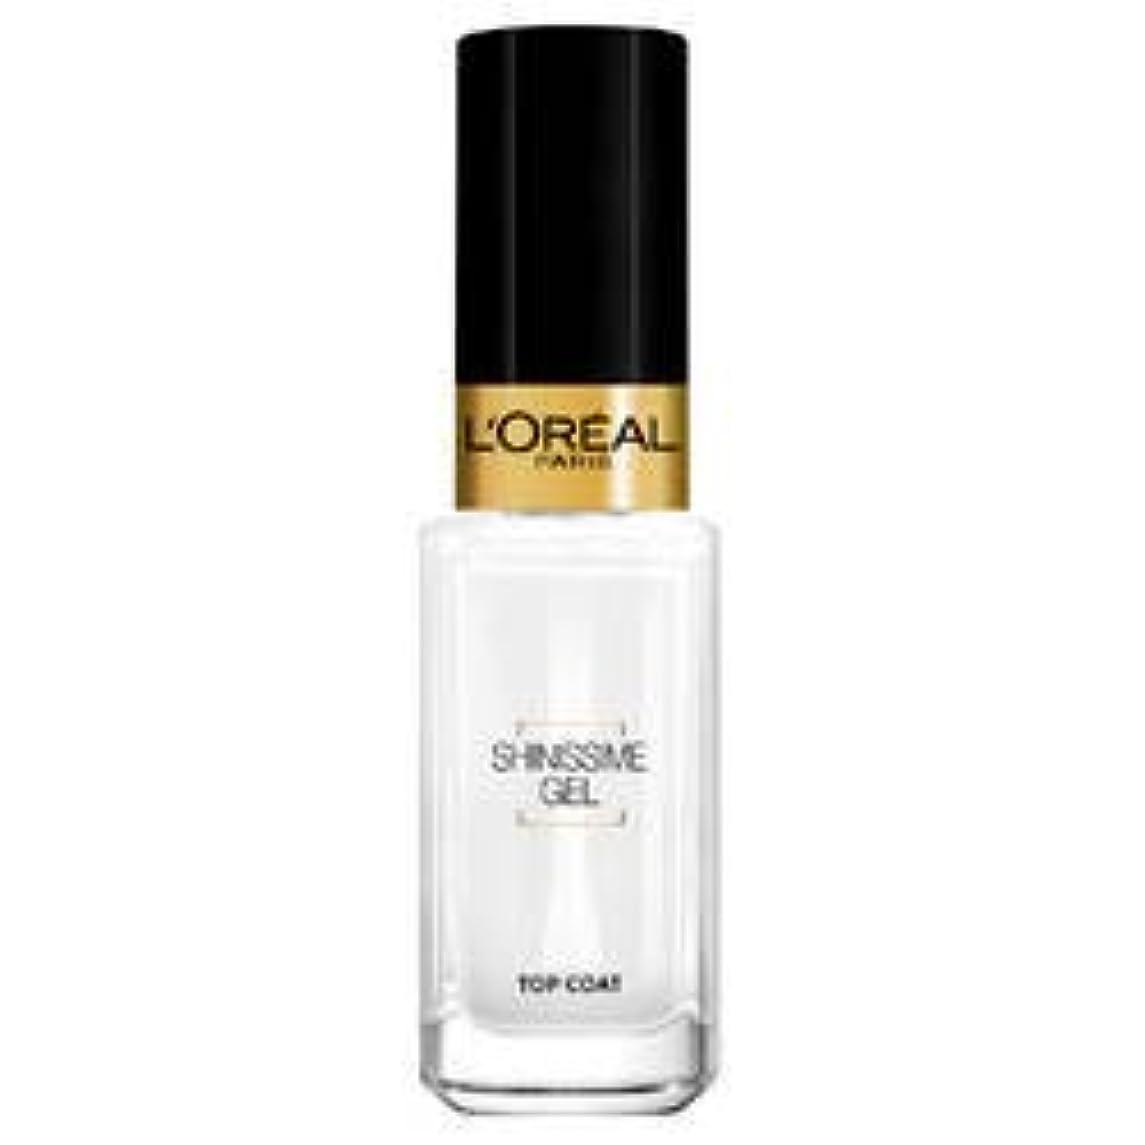 無実解凍する、雪解け、霜解けブロックL'Oréal Paris La Manucure - Le Top Coat - Shinissime Gel- (for multi-item order extra postage cost will be reimbursed)